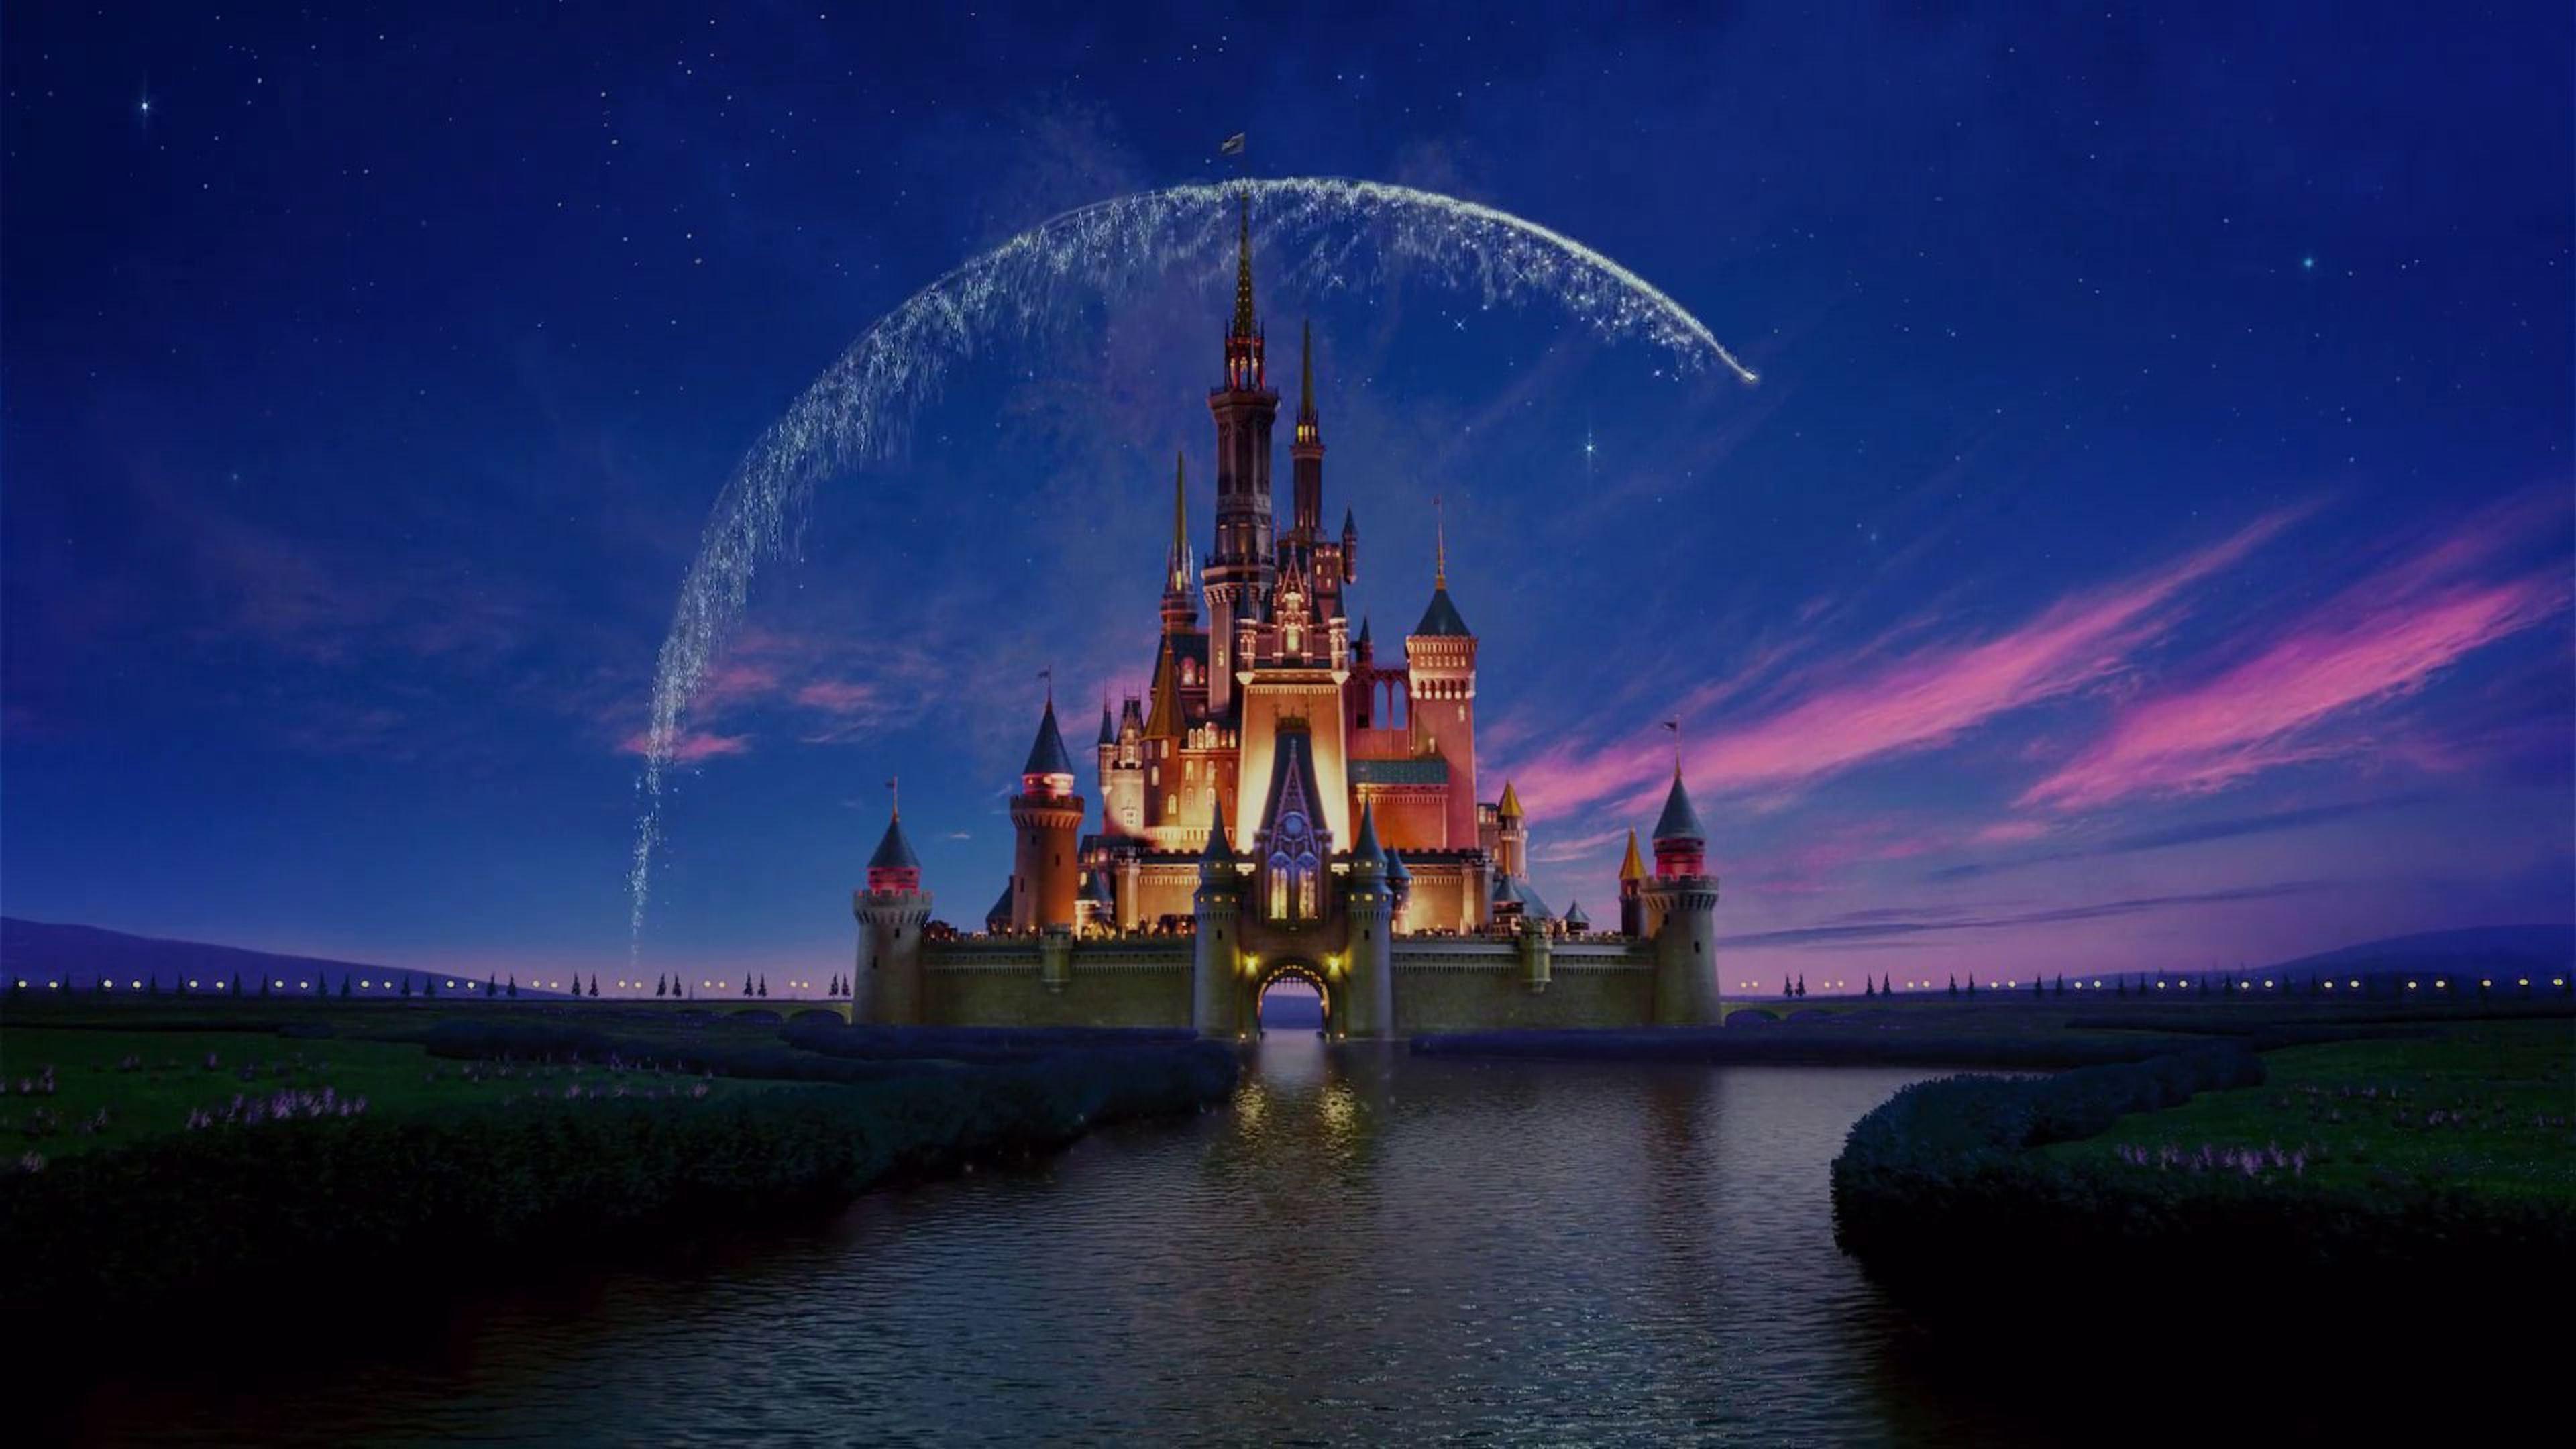 Disney Desktop Wallpapers Backgrounds 45 Pictures